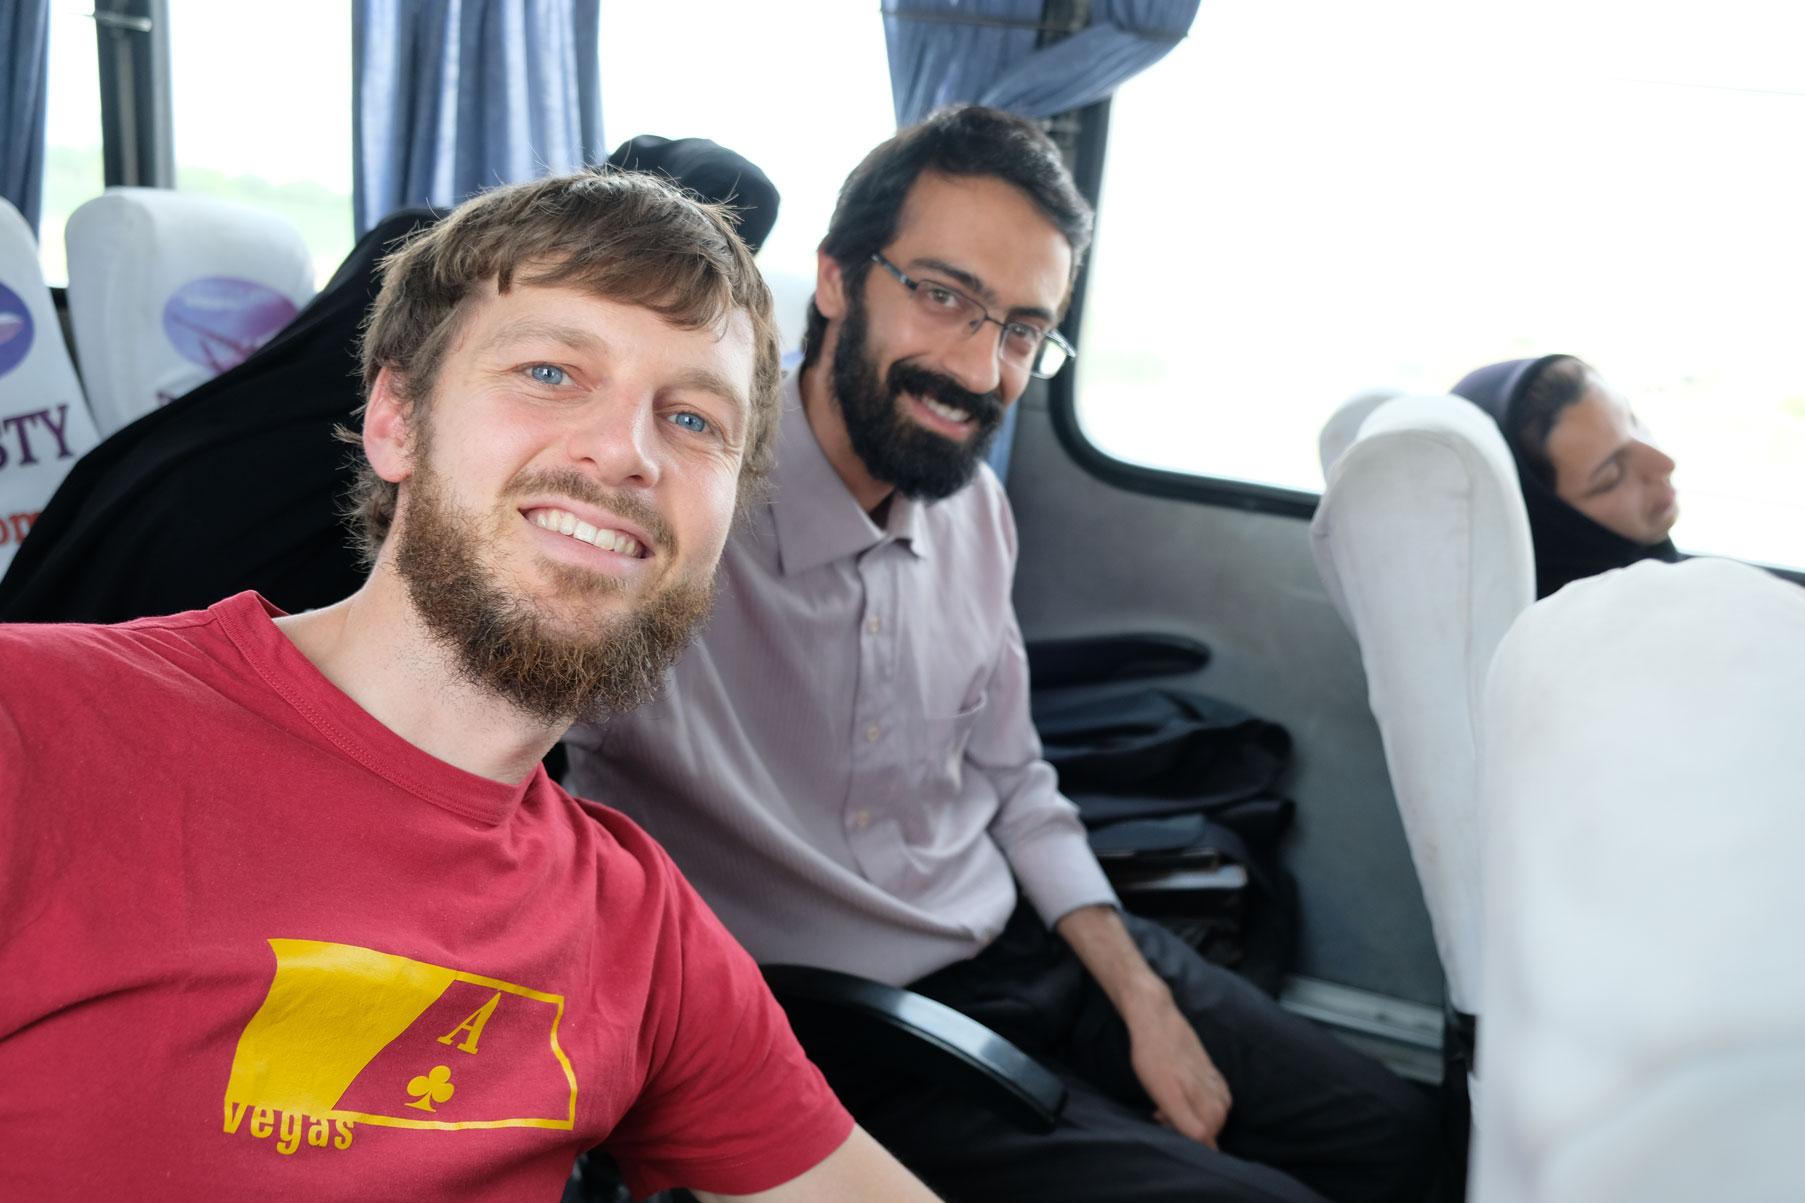 Noch auf dem Weg zur Grenze erleben wir die letzte schöne Begegnung im Iran: Vahid lädt uns zum Abendessen zu ihm nach Hause ein. Leider müssen wir ablehnen. Die Grenze wartet...